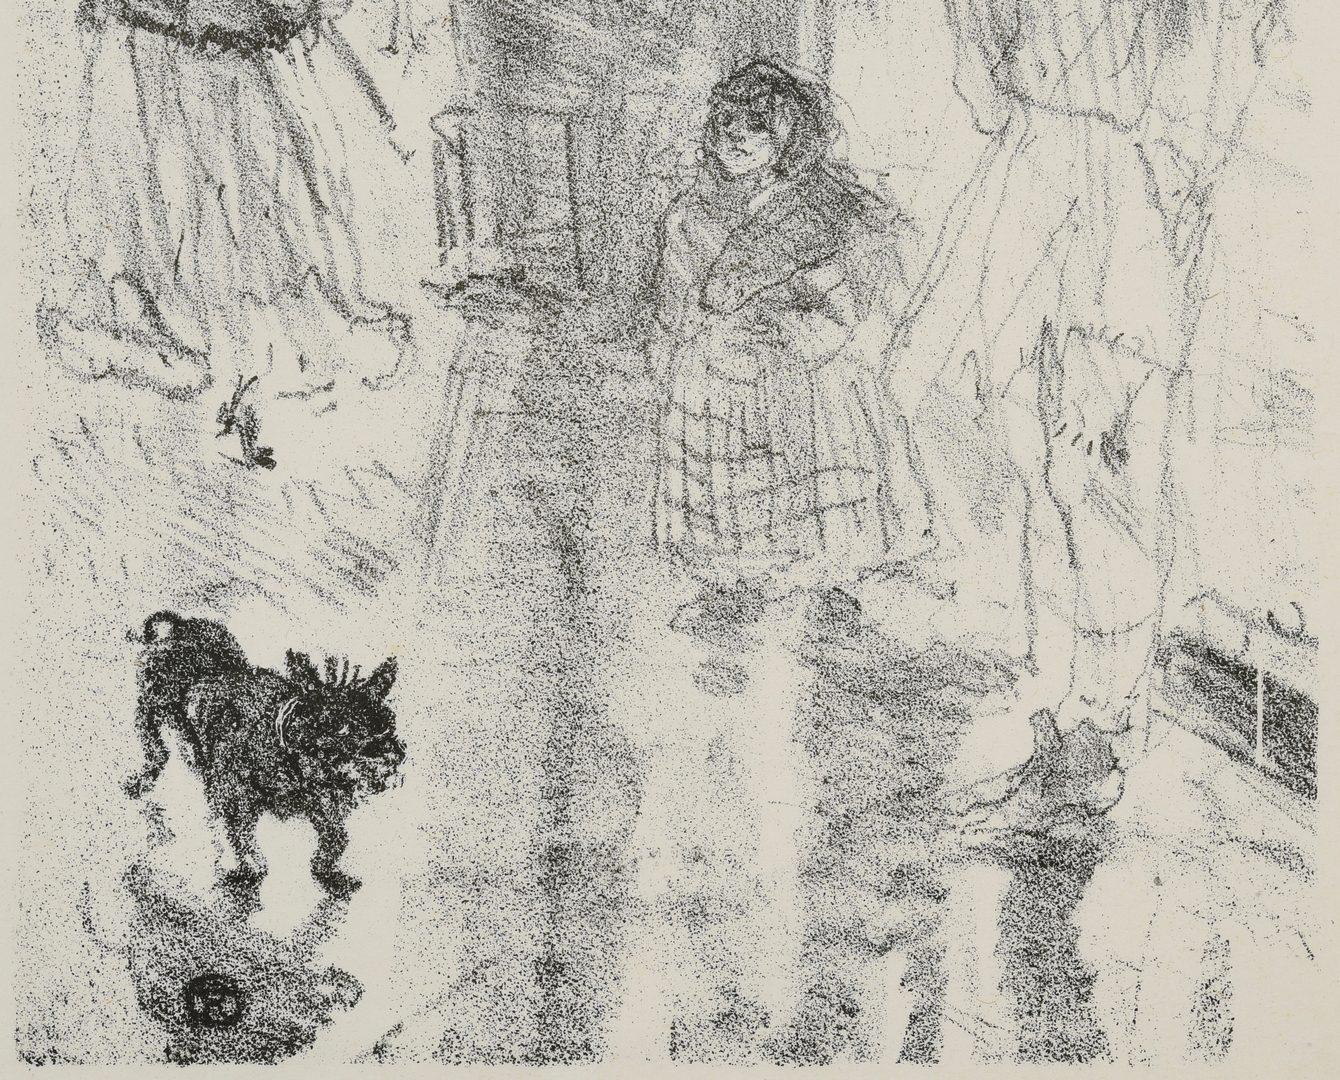 Lot 184: Toulouse-Lautrec lithograph, Le Marchand de Marrons